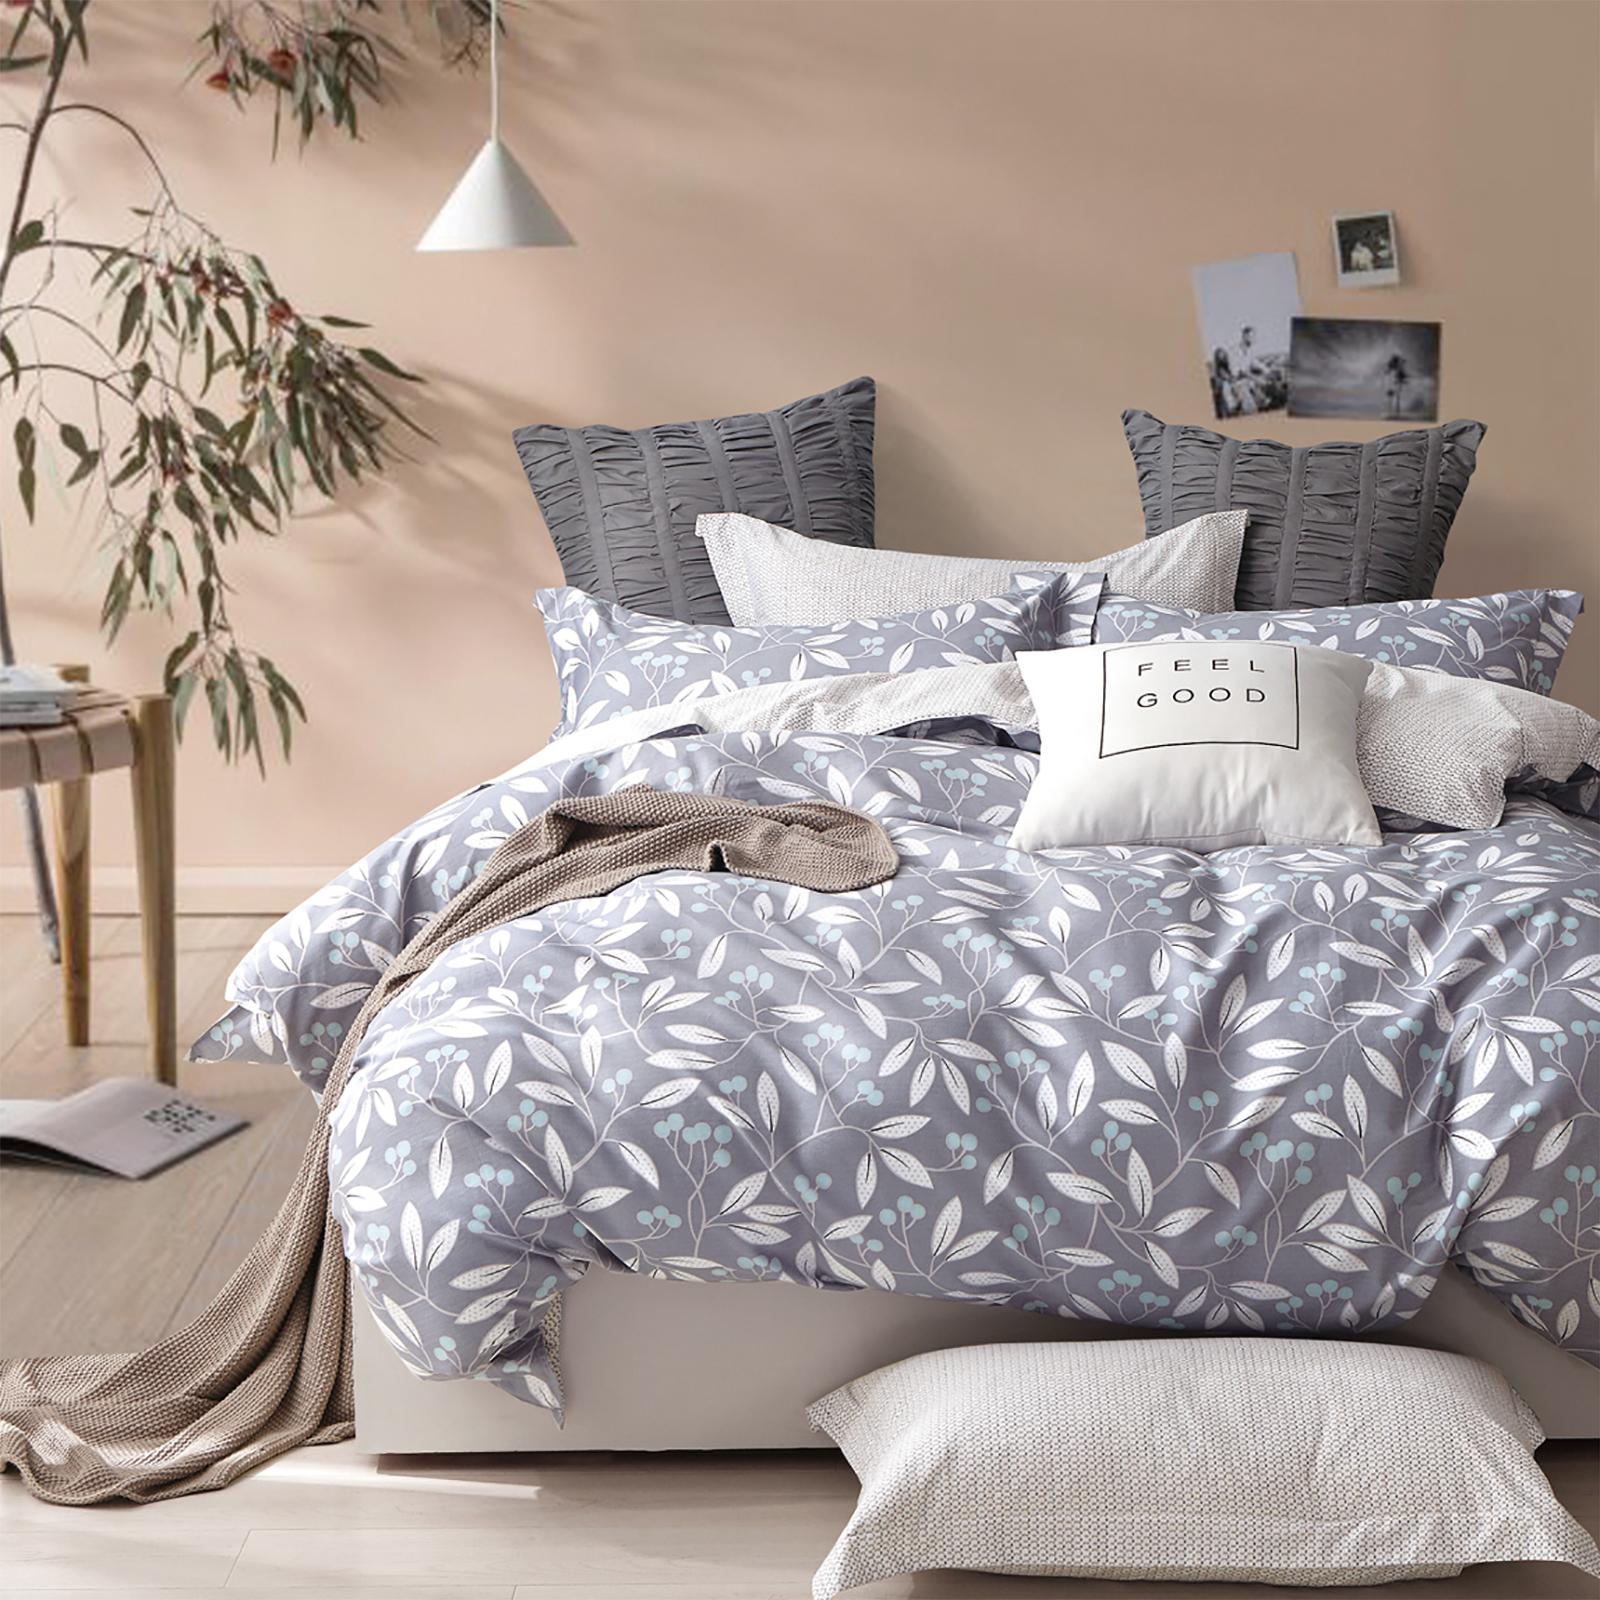 bettw sche 155x220 cm bettgarnitur bettbezug satin baumwolle kuschelig bws02m02 ebay. Black Bedroom Furniture Sets. Home Design Ideas